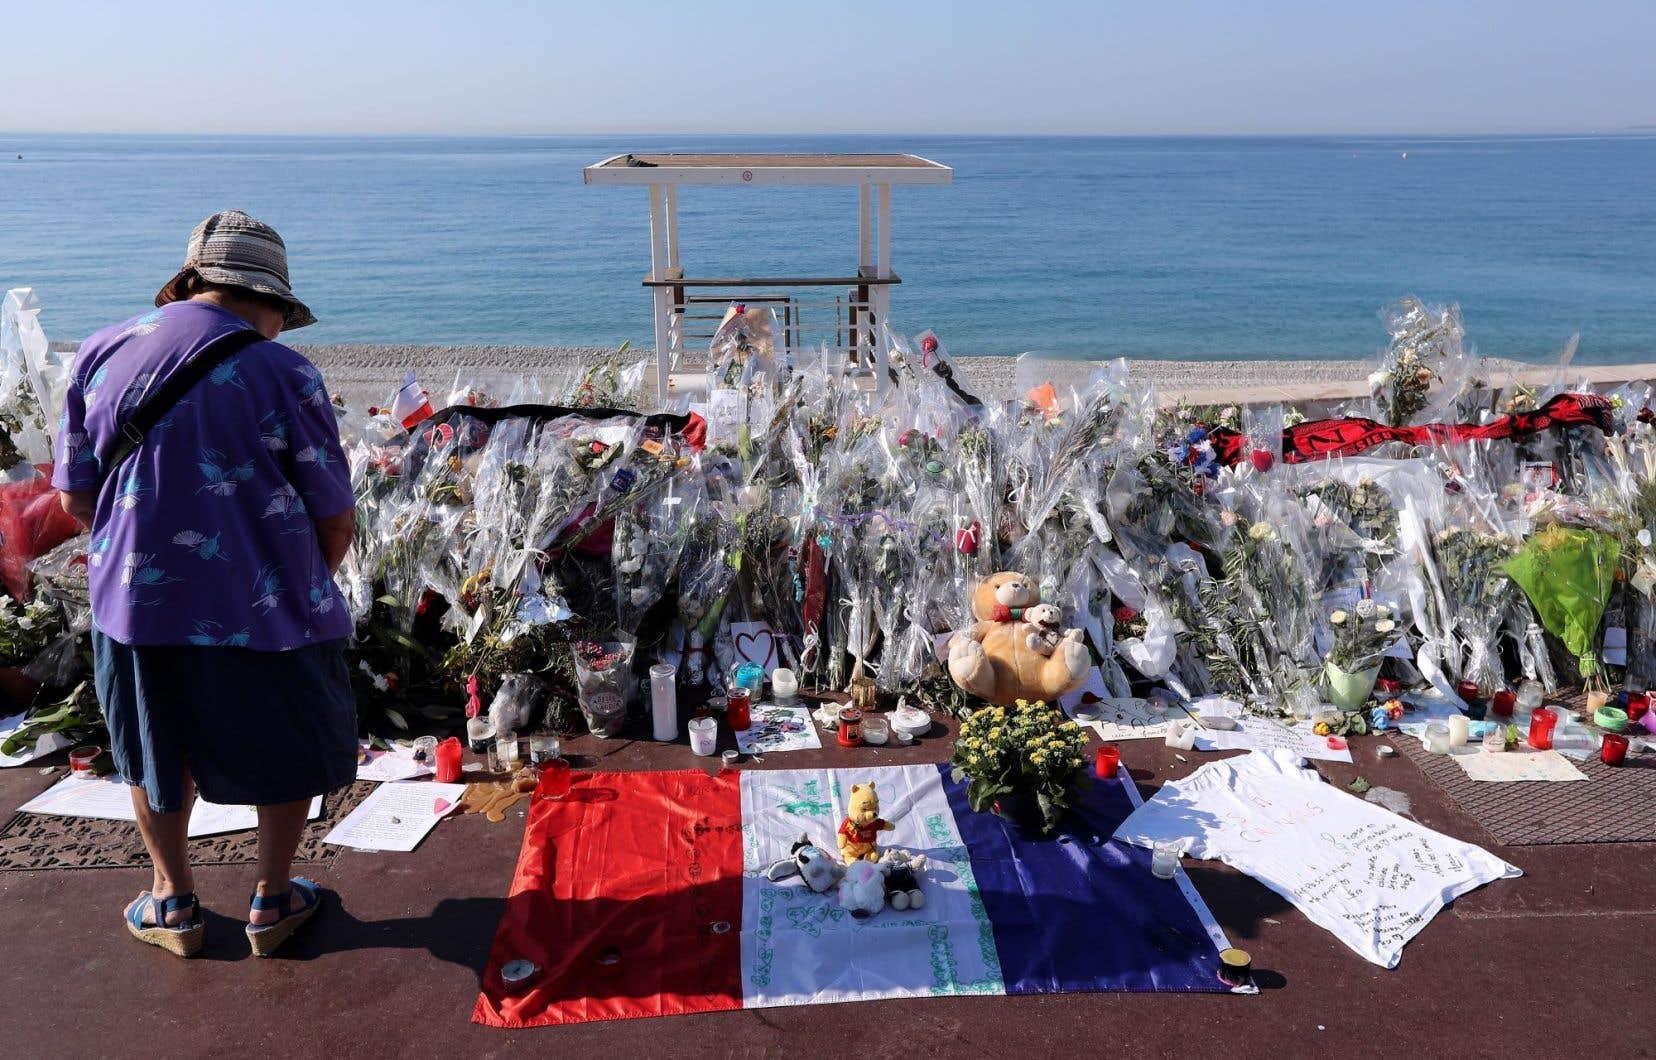 L'an dernier, un camion avait foncé sur la foule sur la promenade des Anglais, à Nice, lors des célébrations du 14 juillet. Le chauffeur avait été tué par la police.